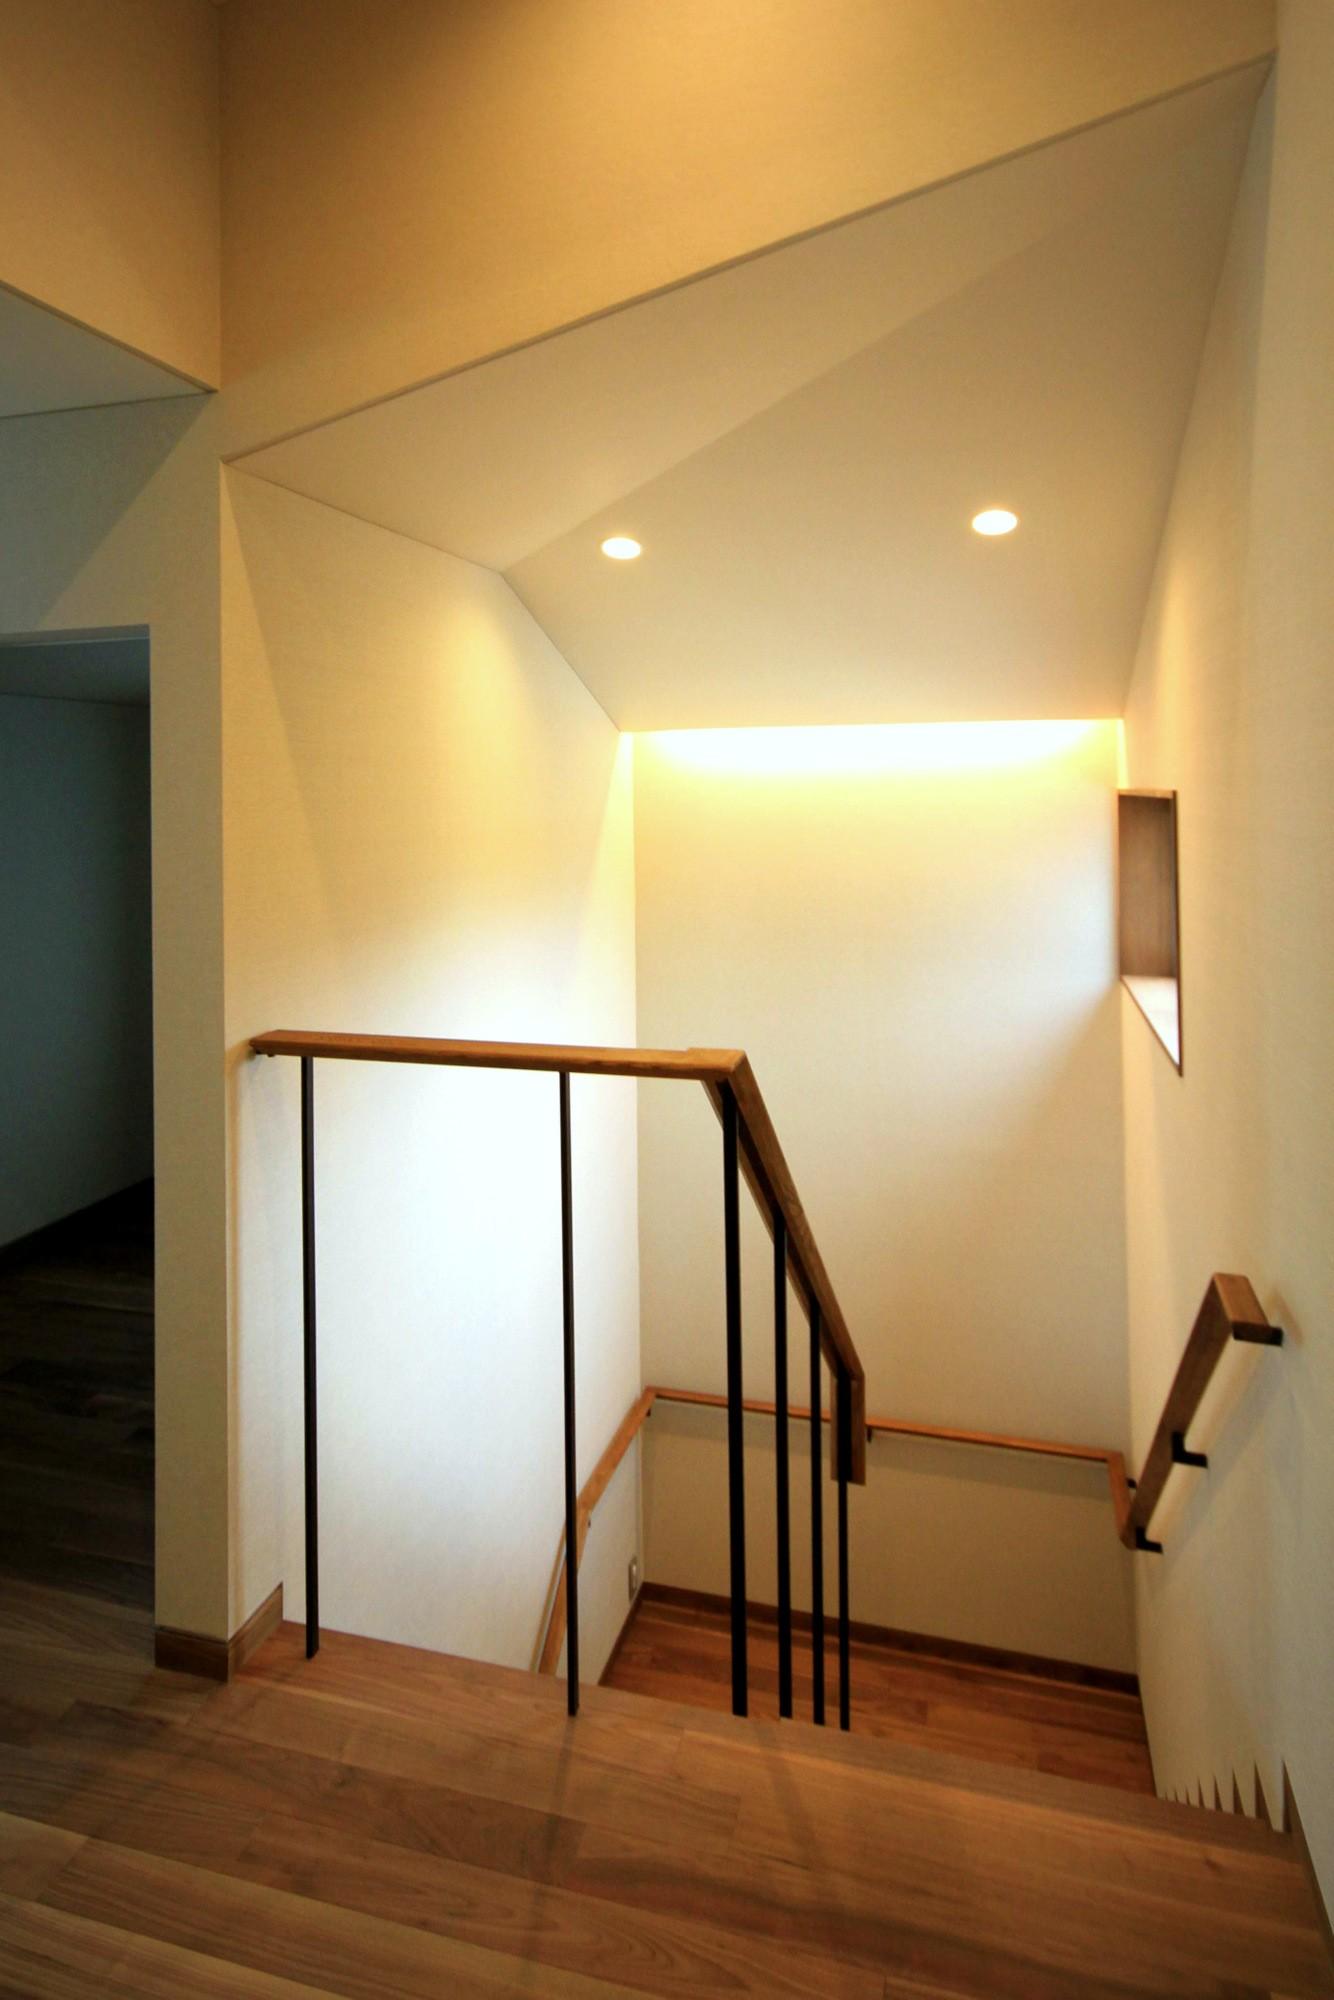 その他事例:明るい階段(杉並の住宅 大きな切妻屋根の家)